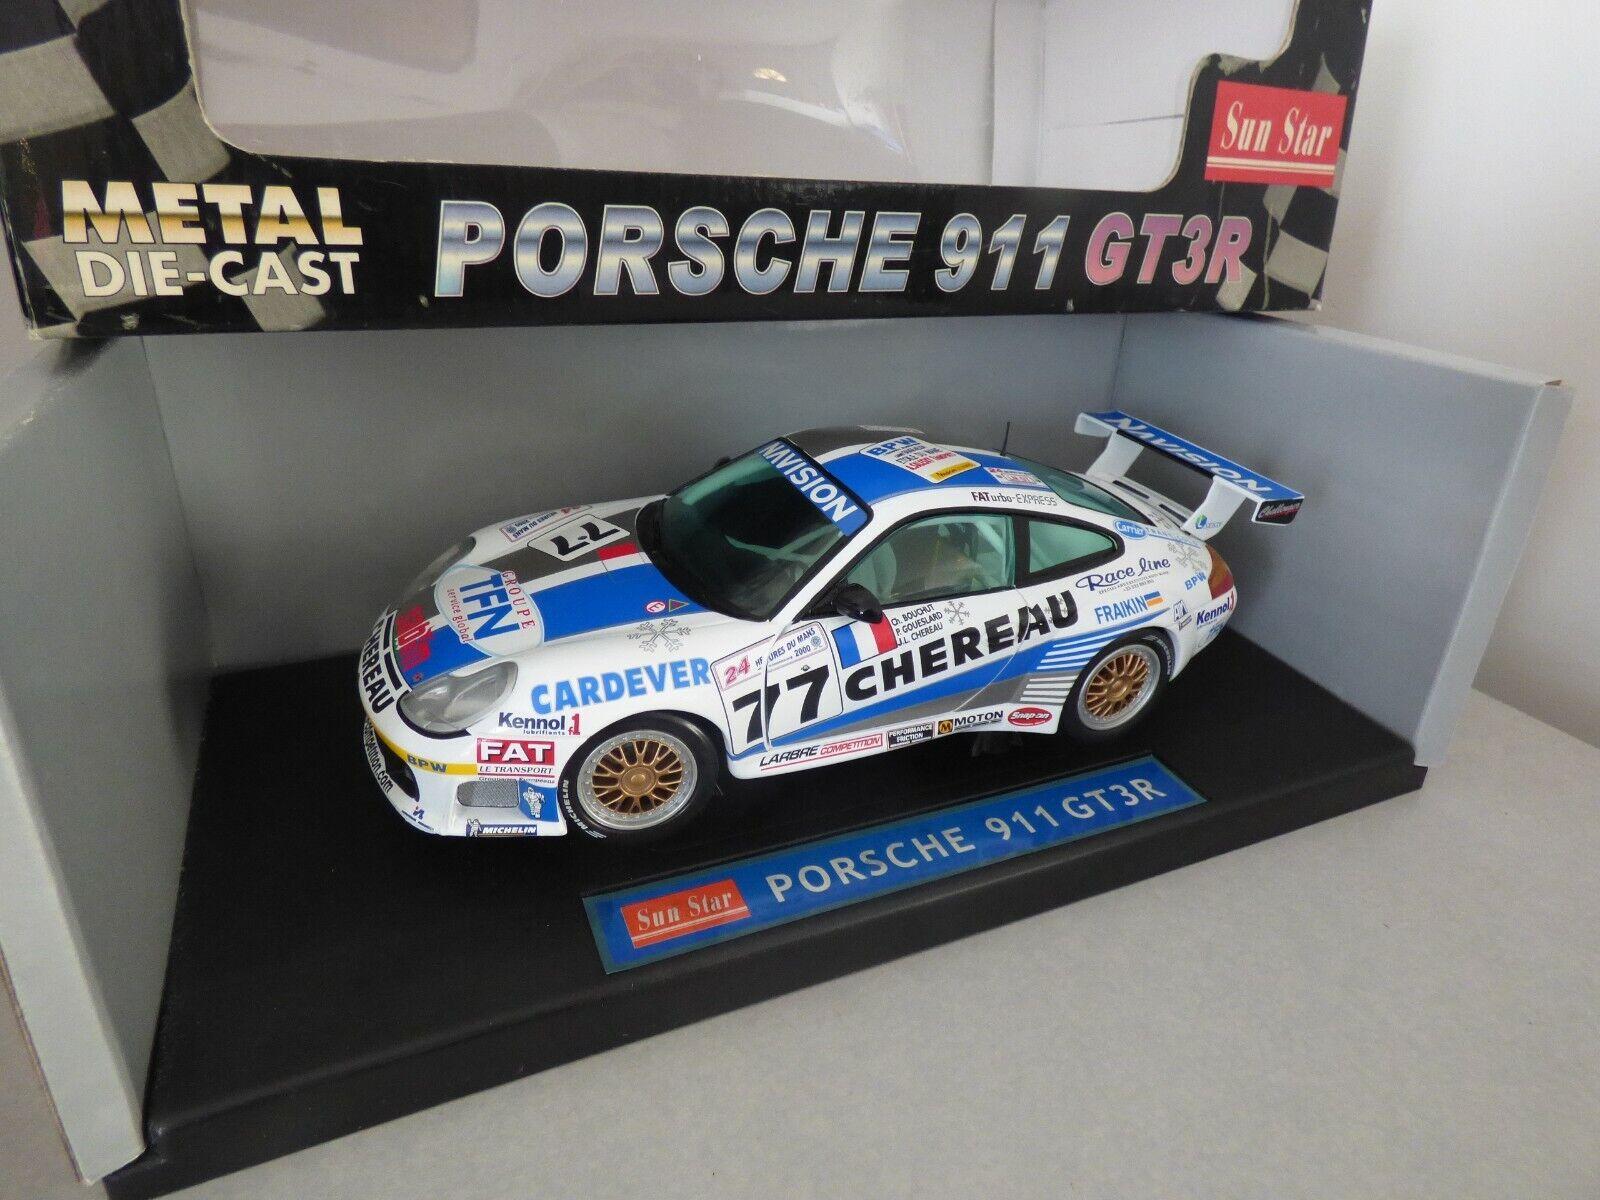 Porsche 911 gt3r n - 77 - larrabe chero chero chero 24 horas Le Mans 2000 - sunEstrella 1   18 571